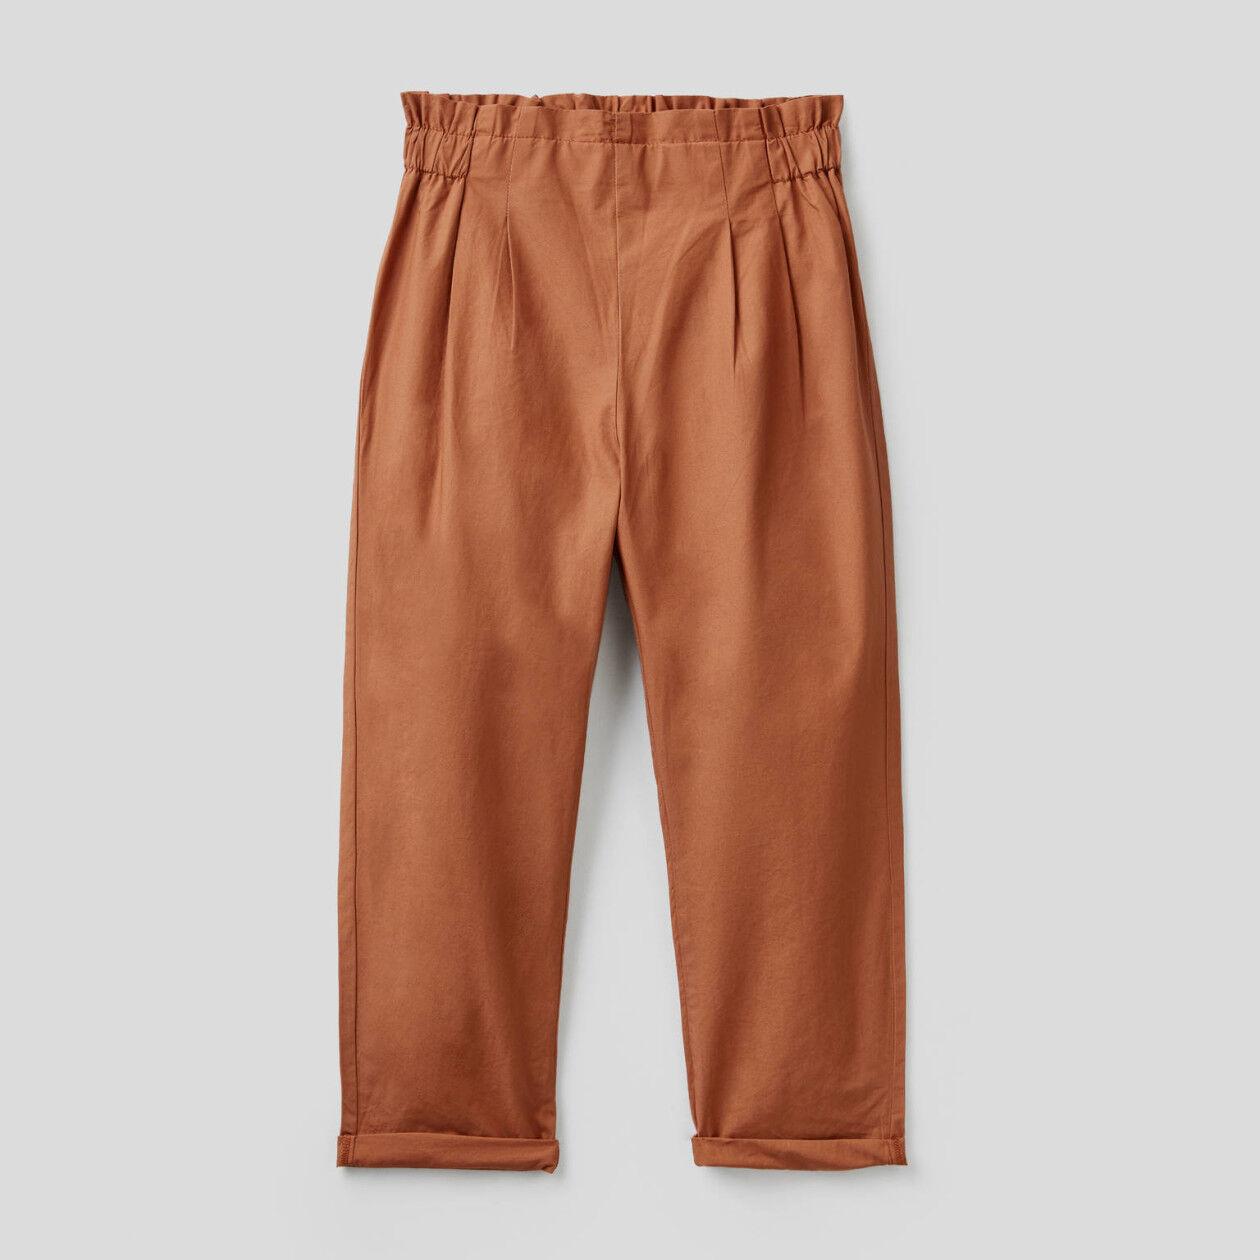 Pantalon longueur classique en 100% coton